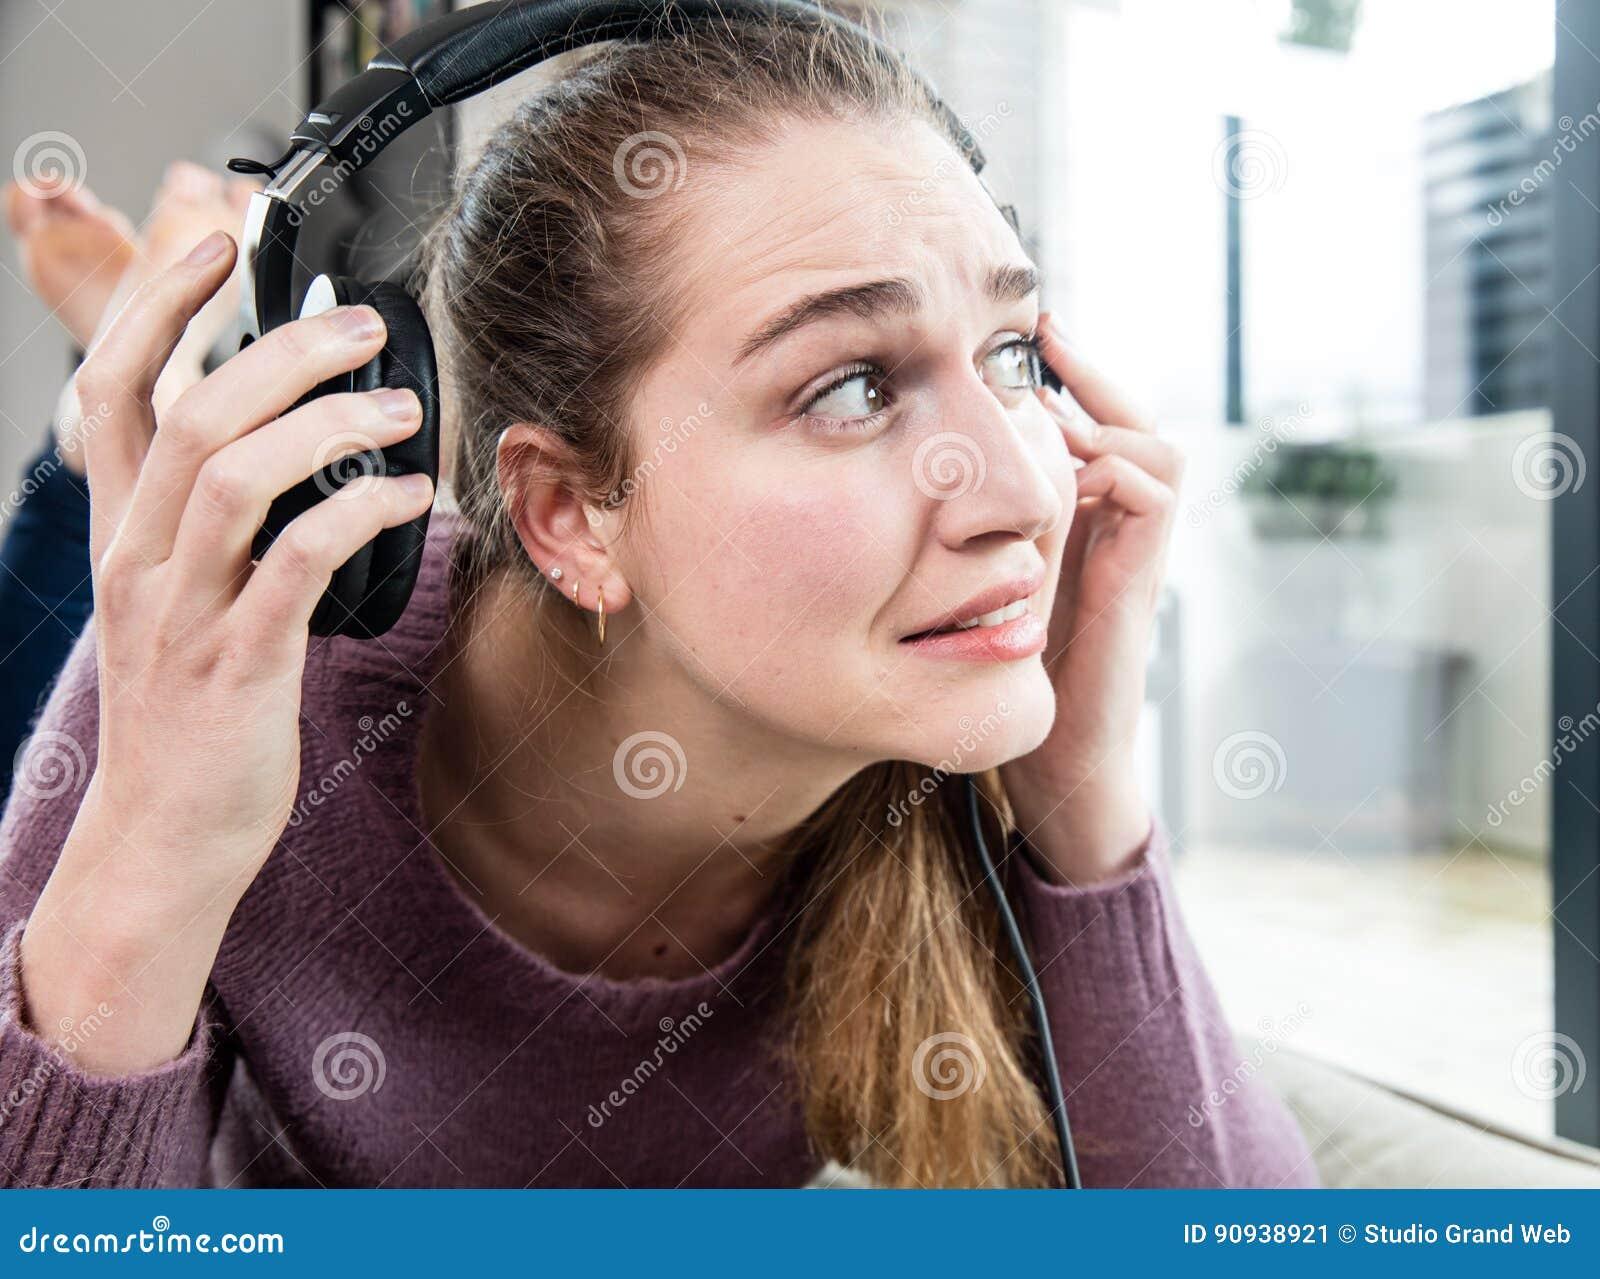 Zumbido en los oídos y dolor de cabeza